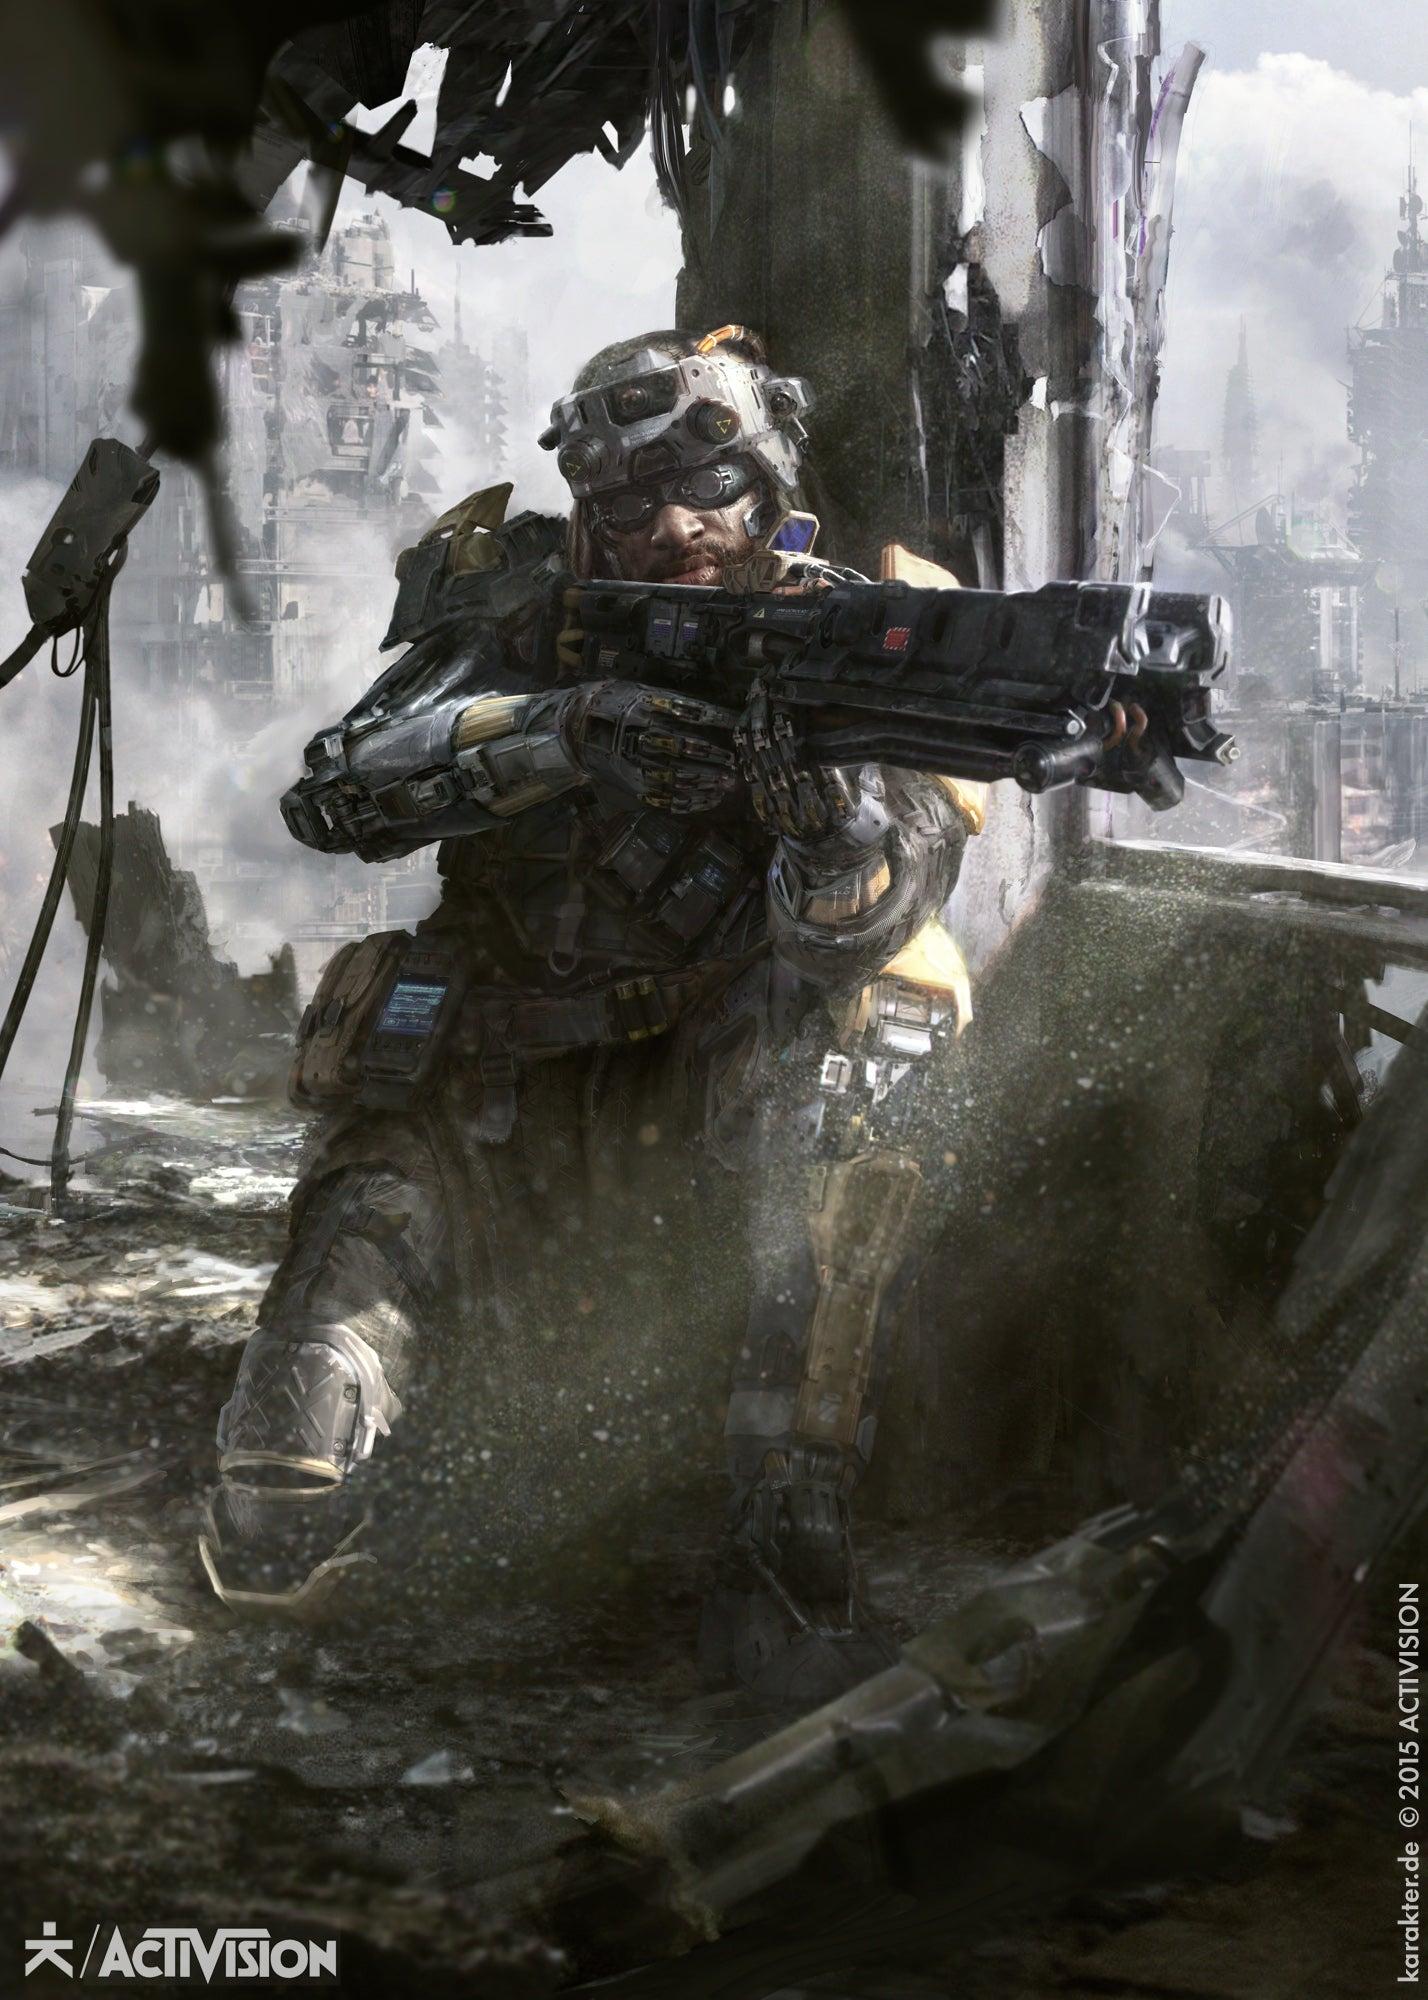 The Men, Women & Killer Robots Of Black Ops III